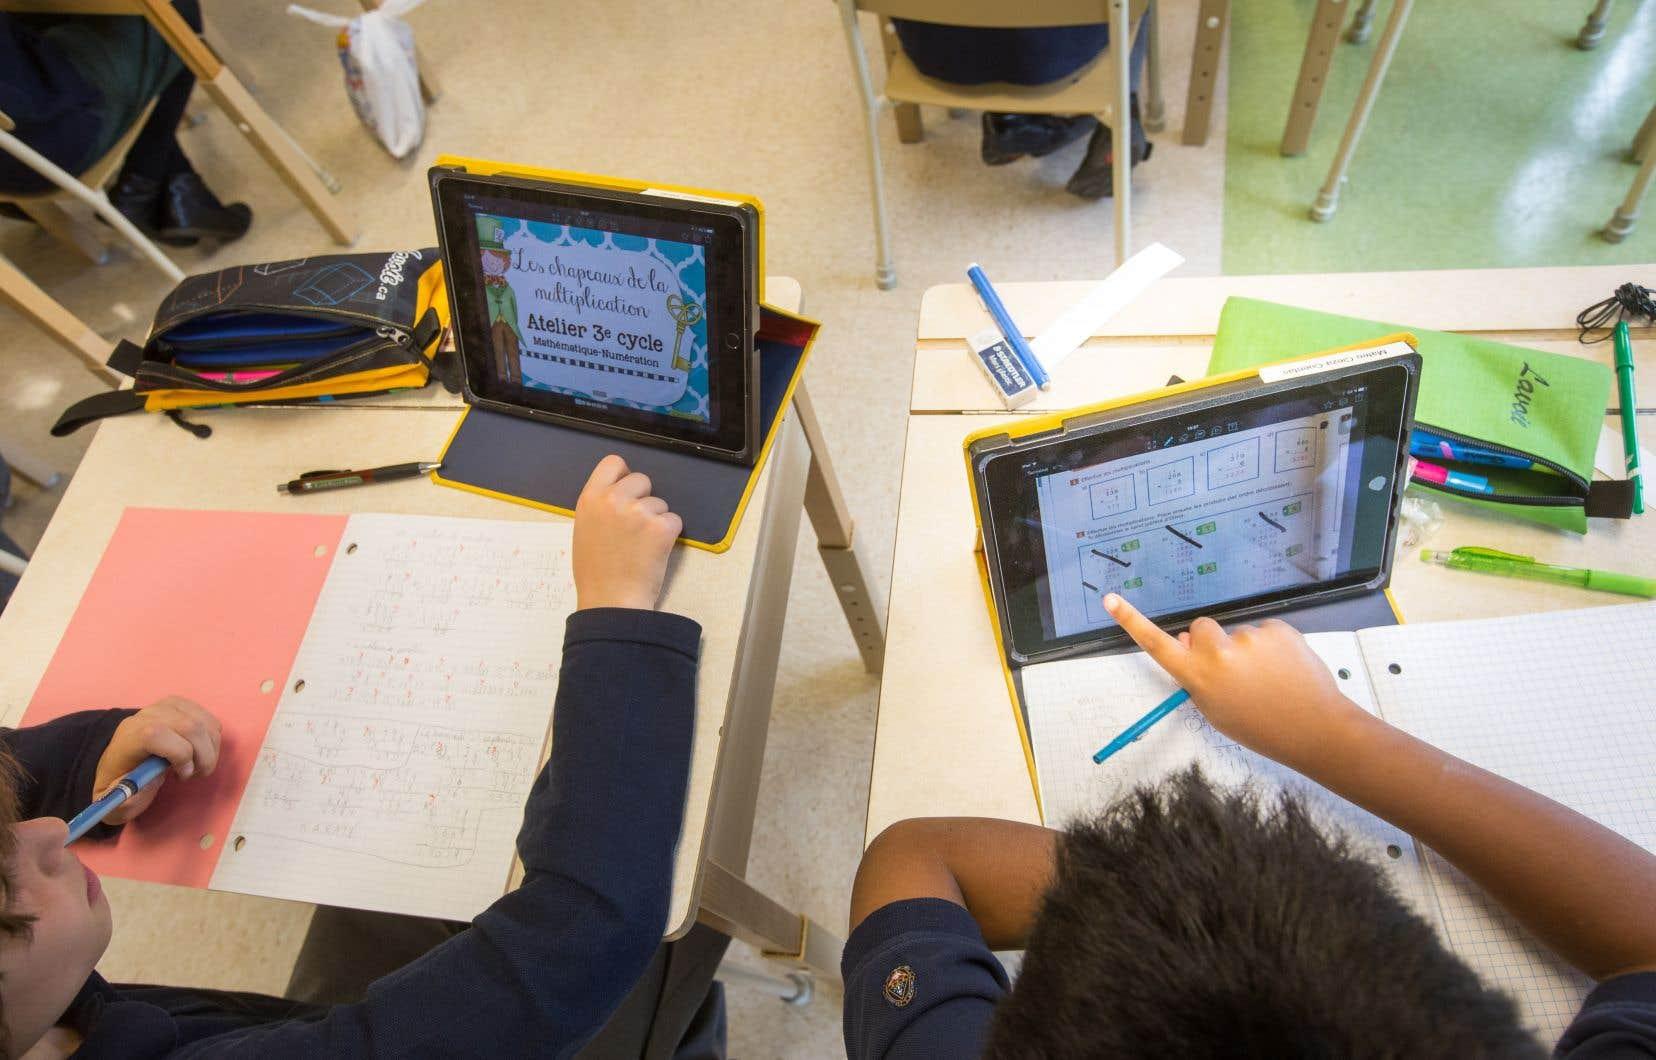 Les jeunes ont plus que jamais besoin qu'on leur apprenne à lire et qu'on les éduque à la citoyenneté numérique.